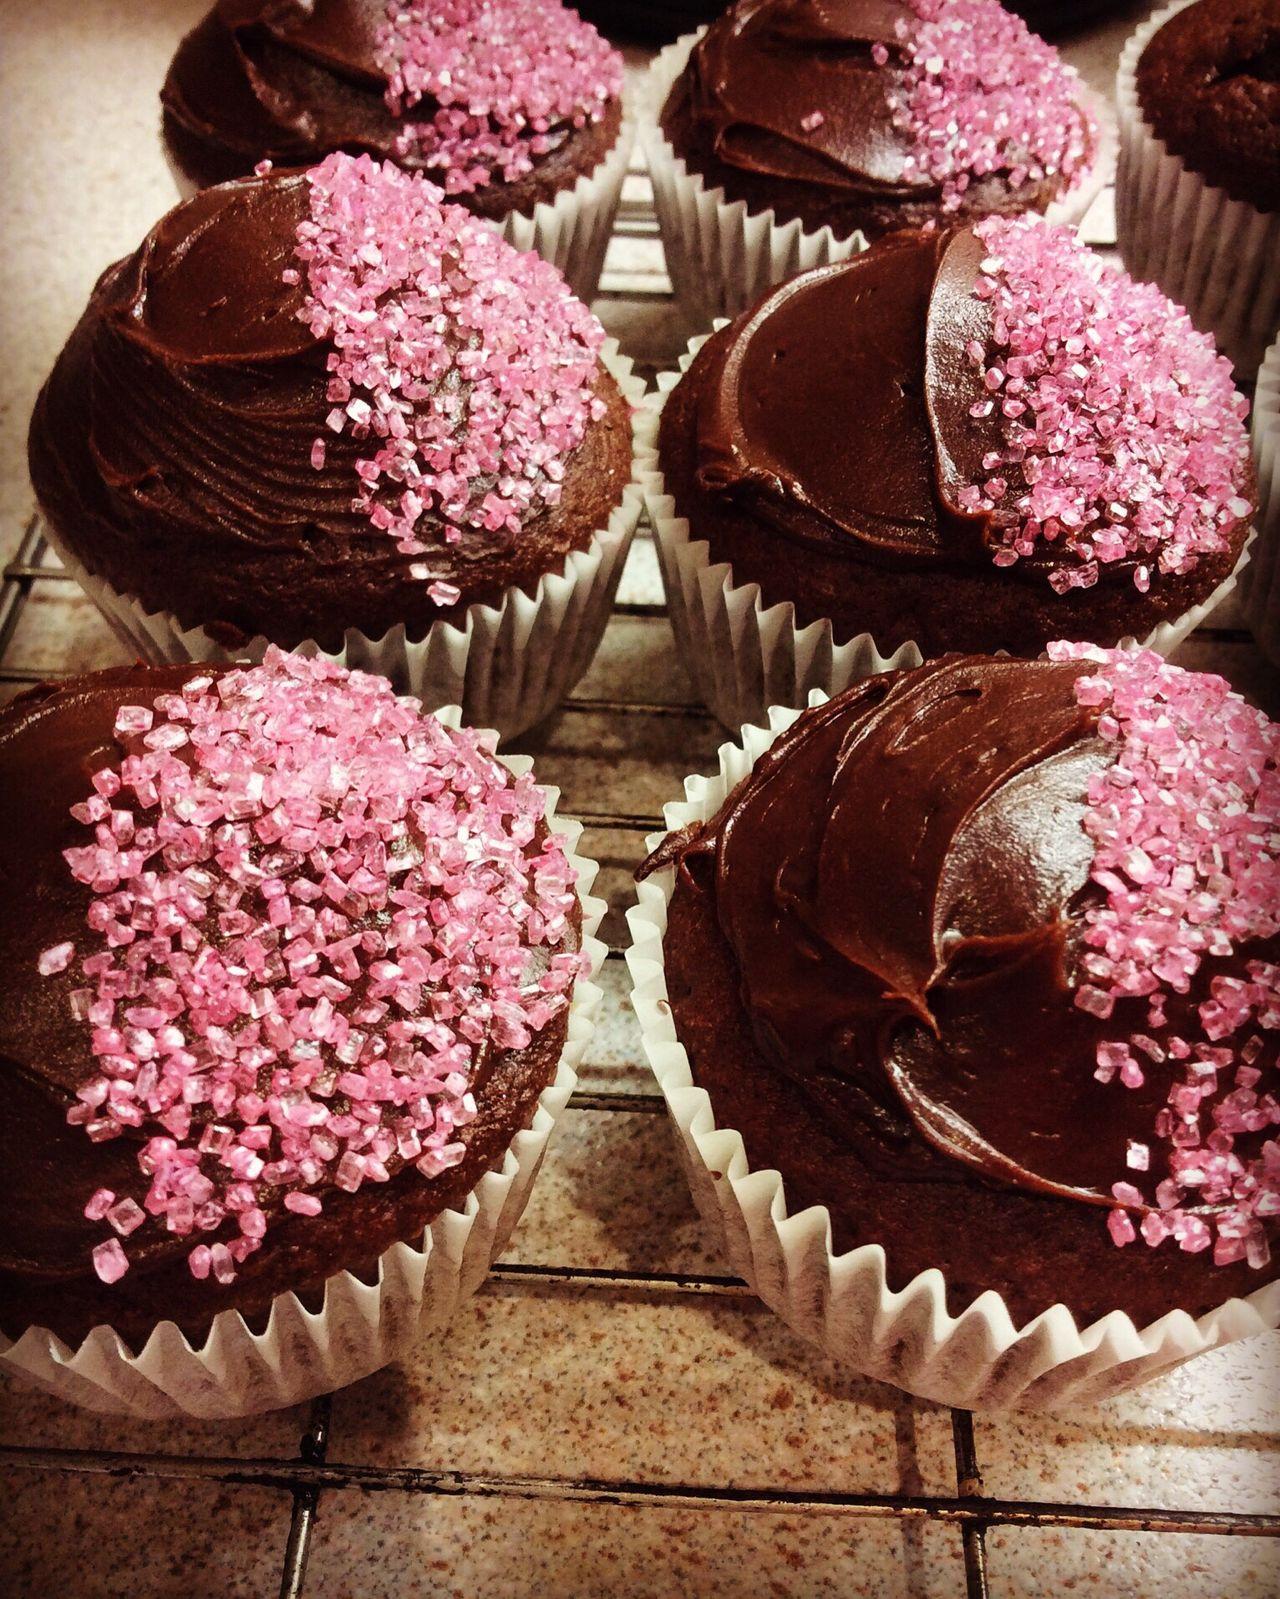 Cakes! Fairycakes Chocolate♡ Buns Homemade Cake Sprinkles Pink